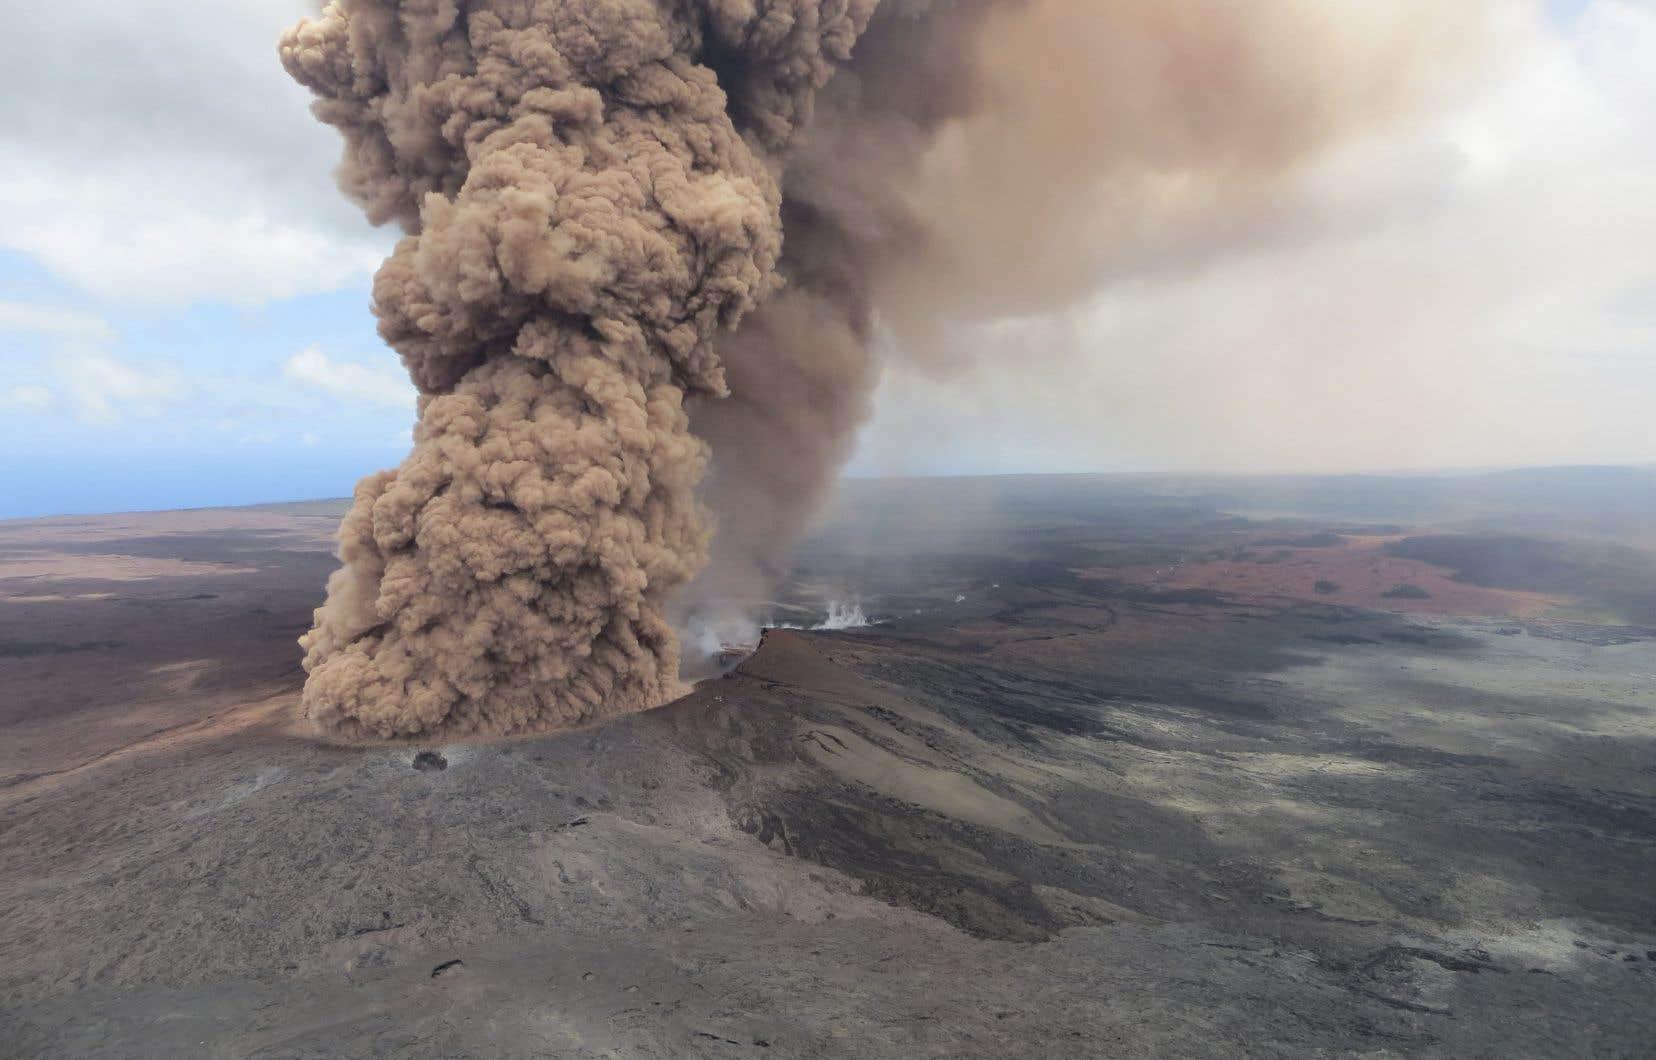 Le volcan Kilauea, qui culmine à 1247 mètres, est entré en éruption jeudi vers 16h45 locales (12h45 vendredi, heure de Montréal).